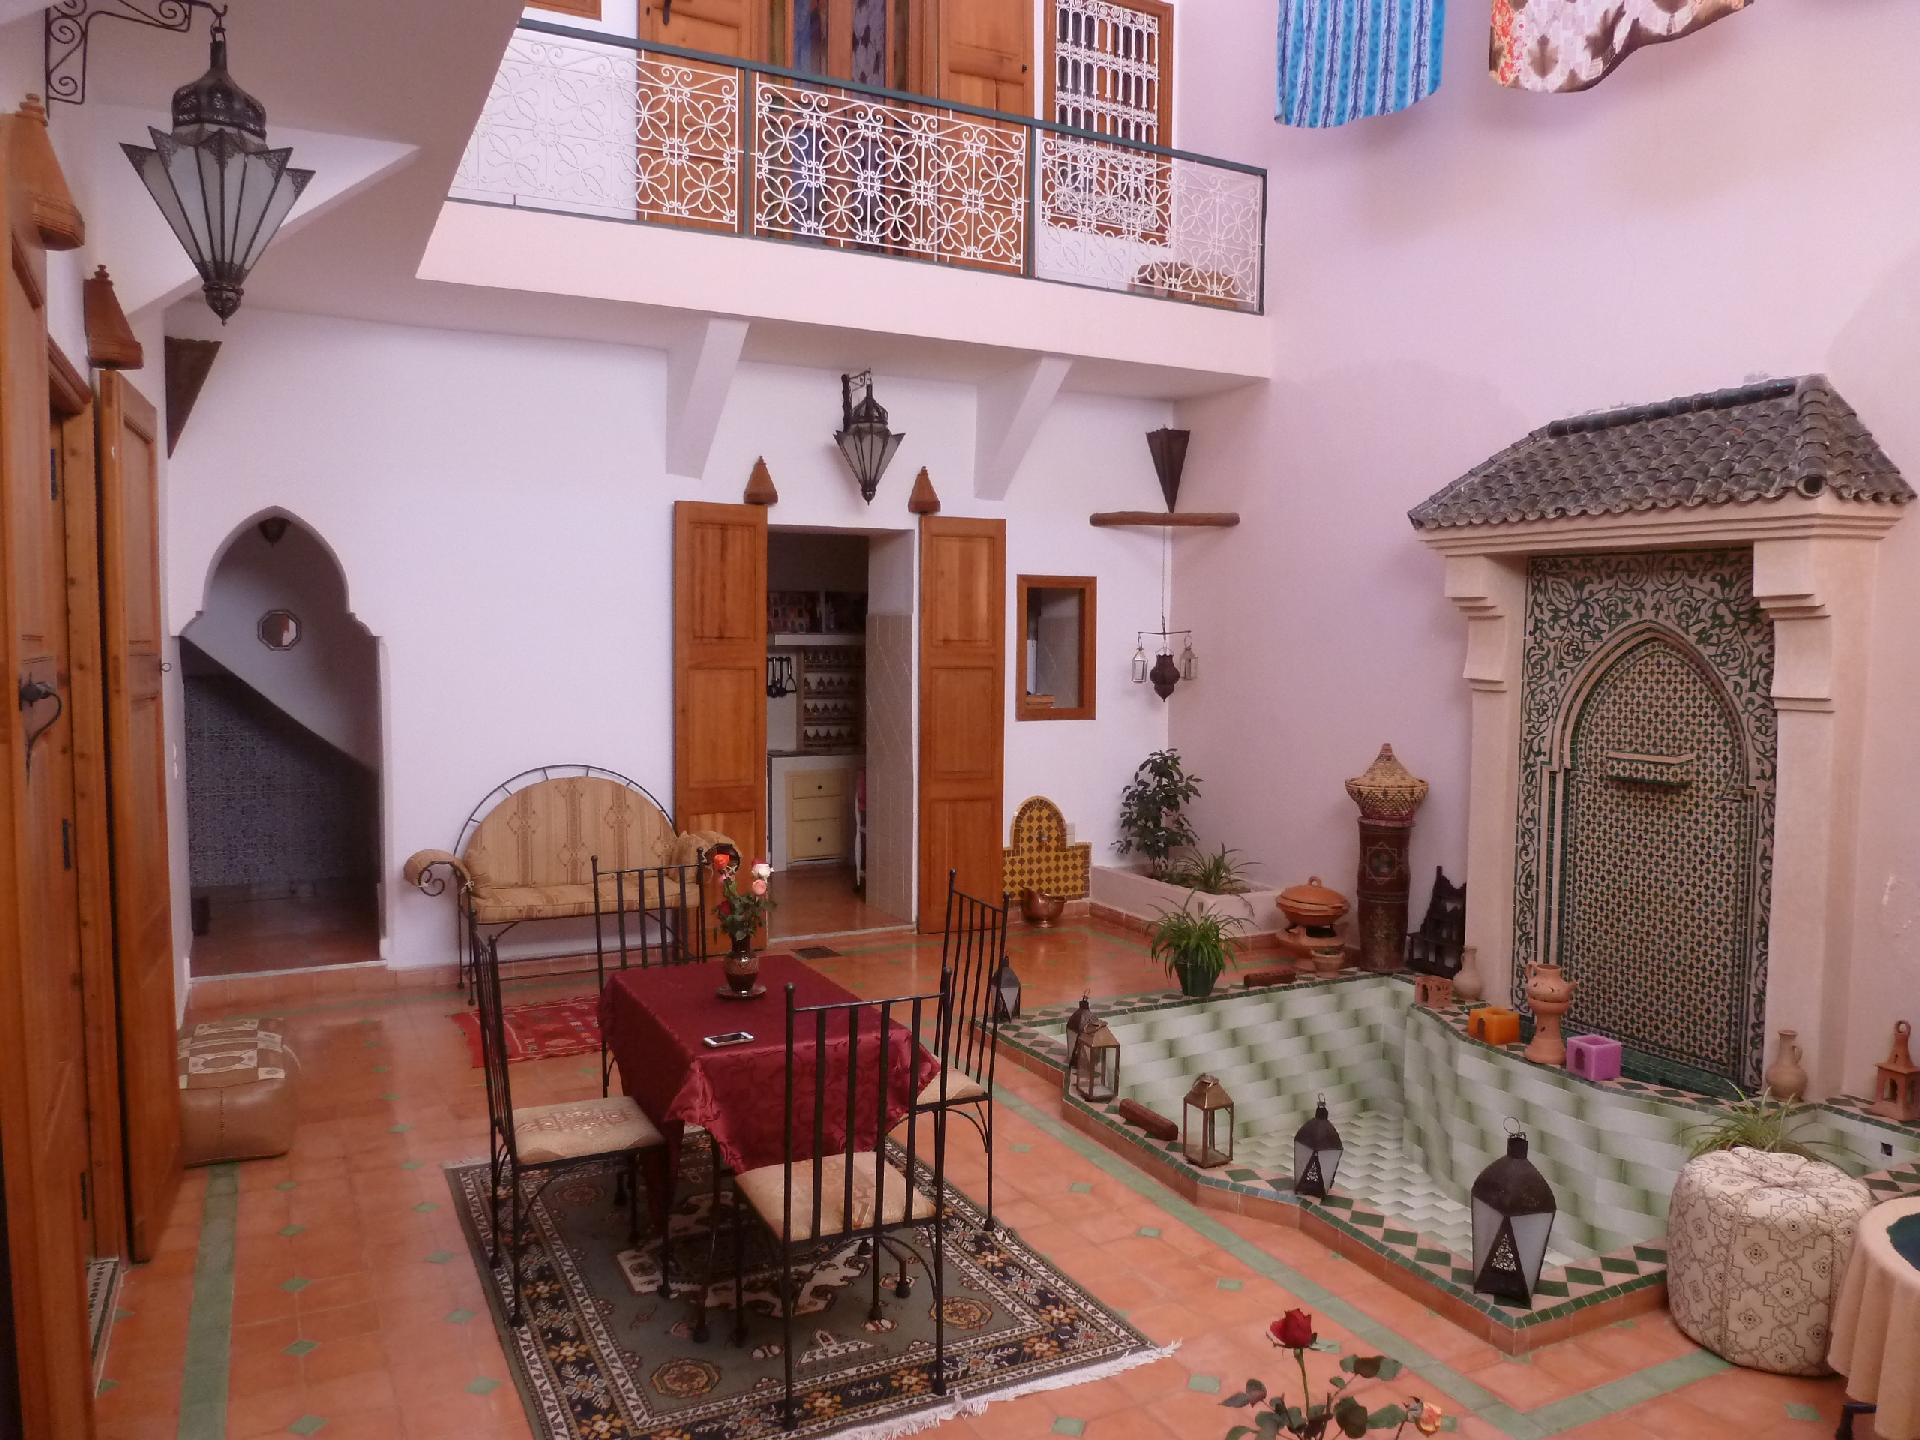 Ferienhaus für 9 Personen ca. 150 m² in   in Marokko